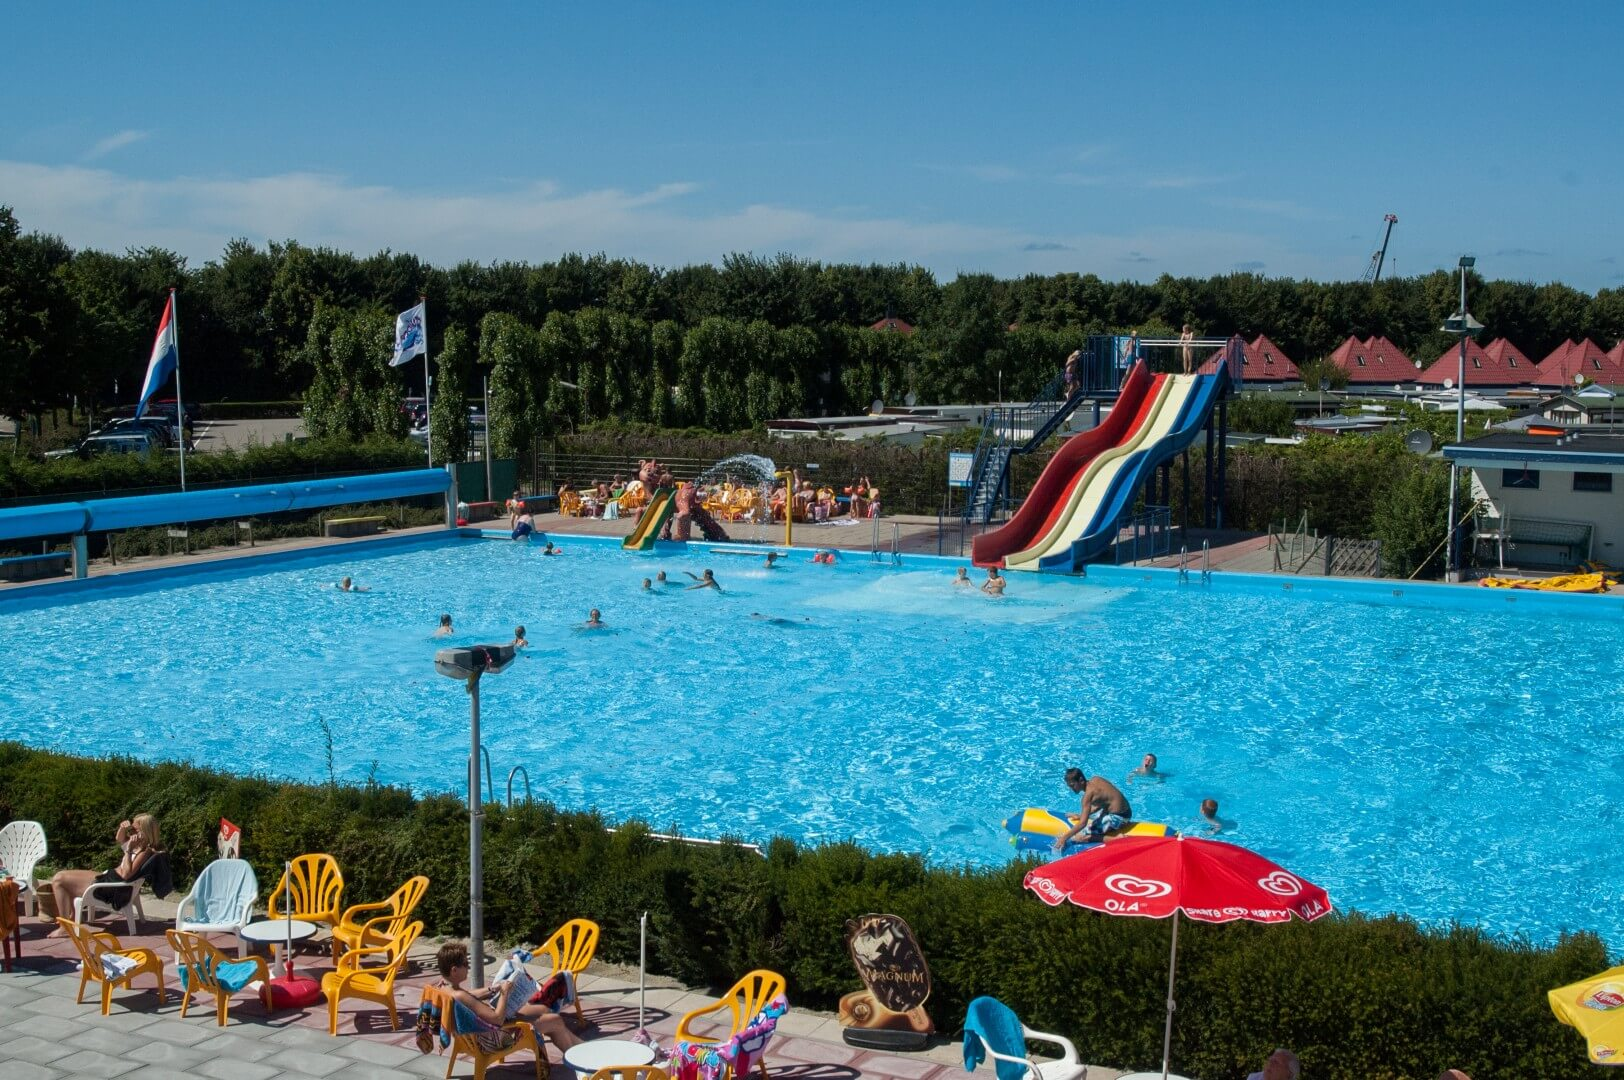 Zwembad Zuid Holland.Buitenzwembad Zuid Holland Tijd Voor Een Verfrissende Duik